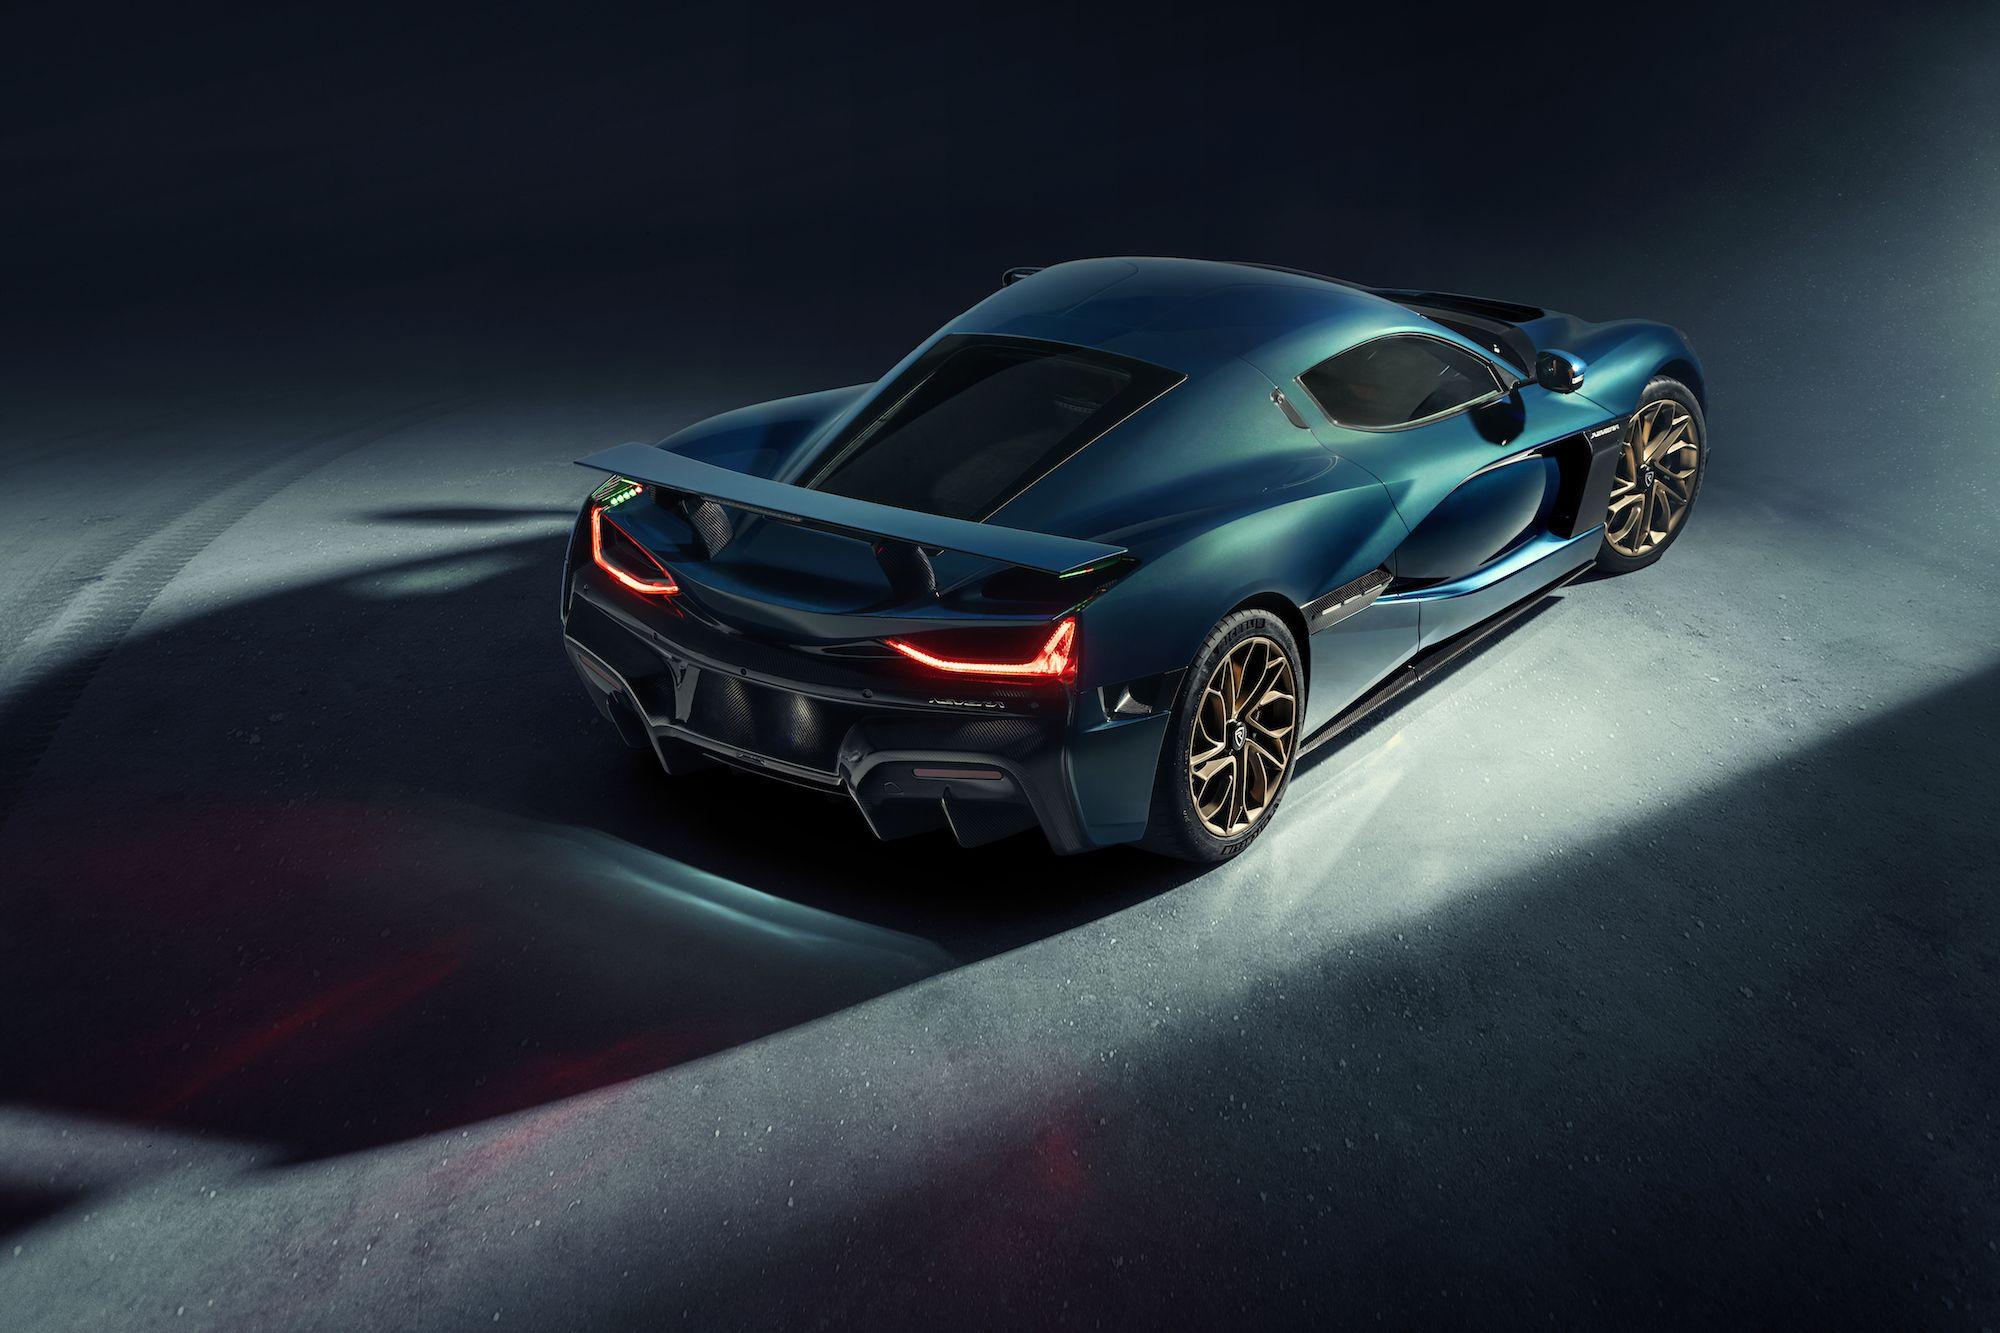 Rimac to Go Public, Take Over Bugatti With Porsche